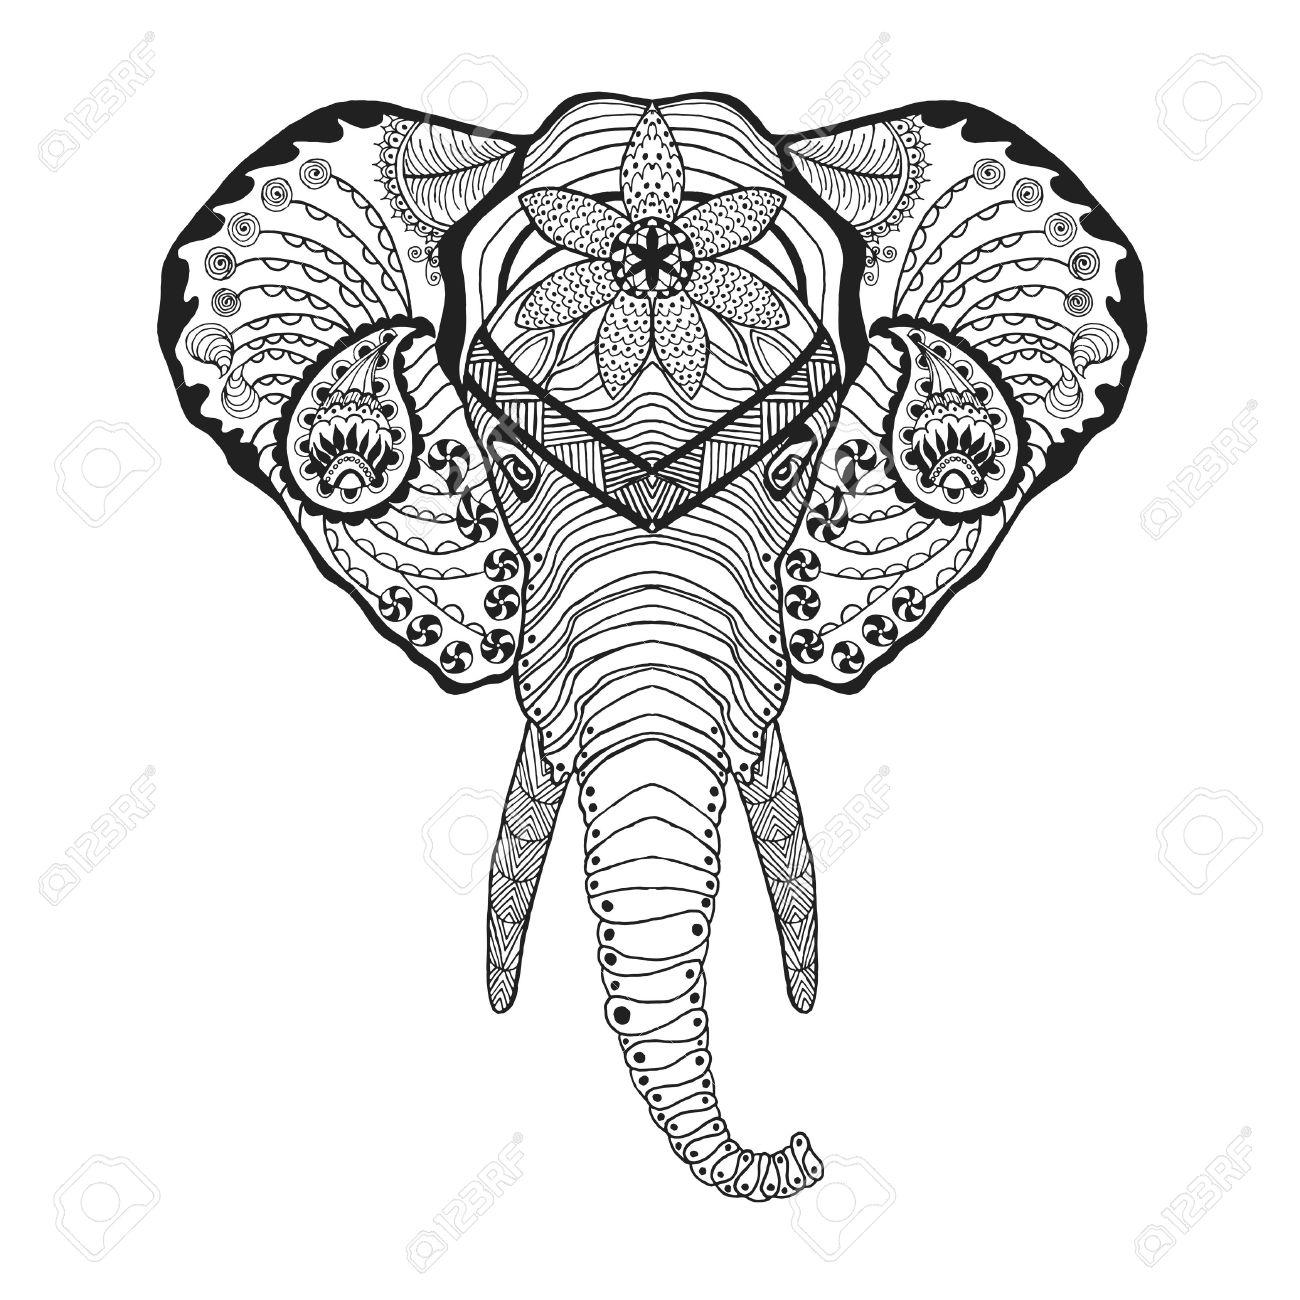 Cabeza De Elefante. Colorear Antiestrés Adultos. Mano Blanco Y Negro ...